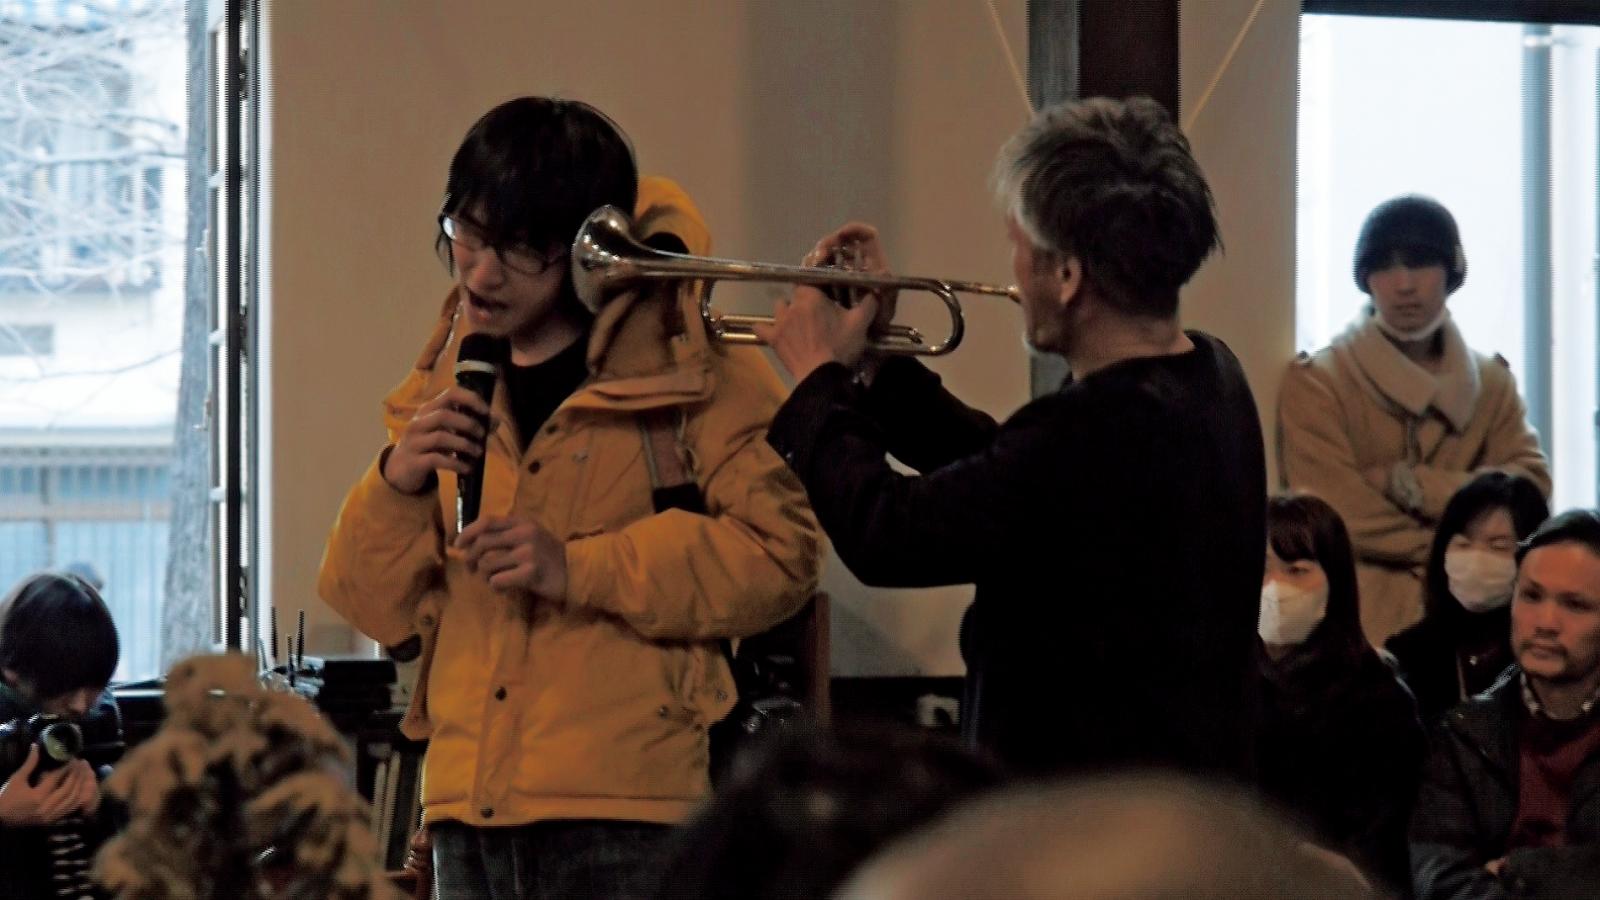 2014年、「富士見丘教会」での一場面。齋藤氏 は演者として、カメラマンとして公演に参加。